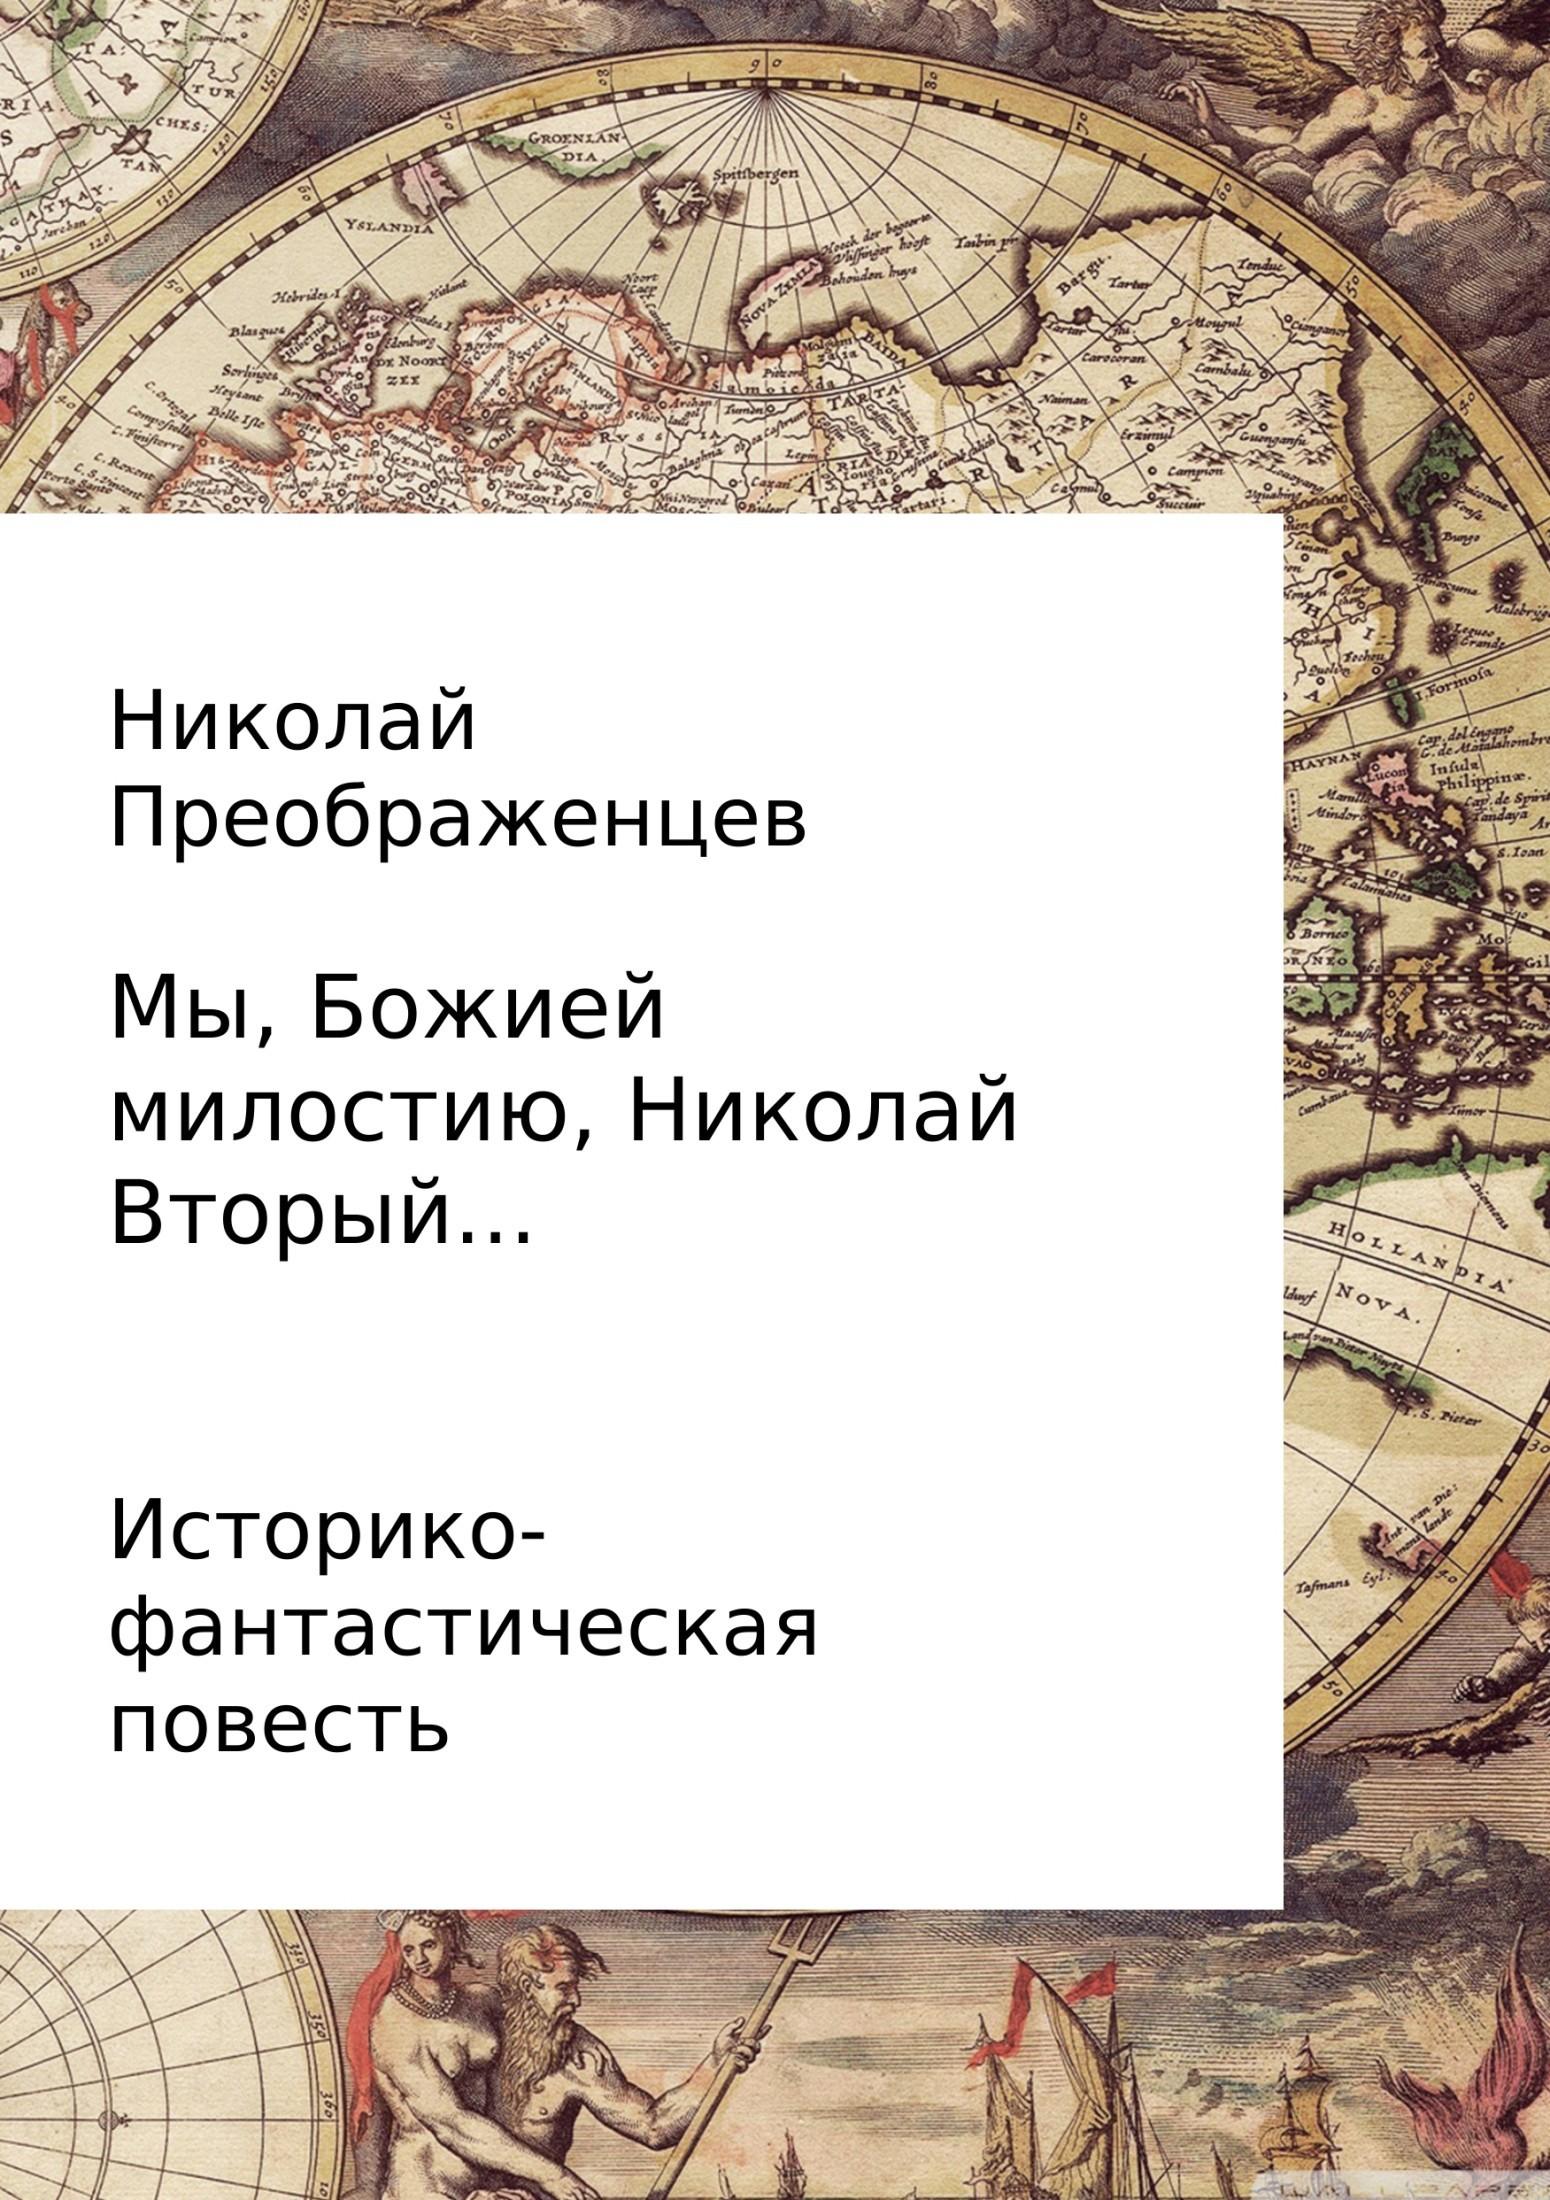 Николай Алексеевич Преображенцев Мы, Божией милостию, Николай Вторый… николай боевкин постоянная времени